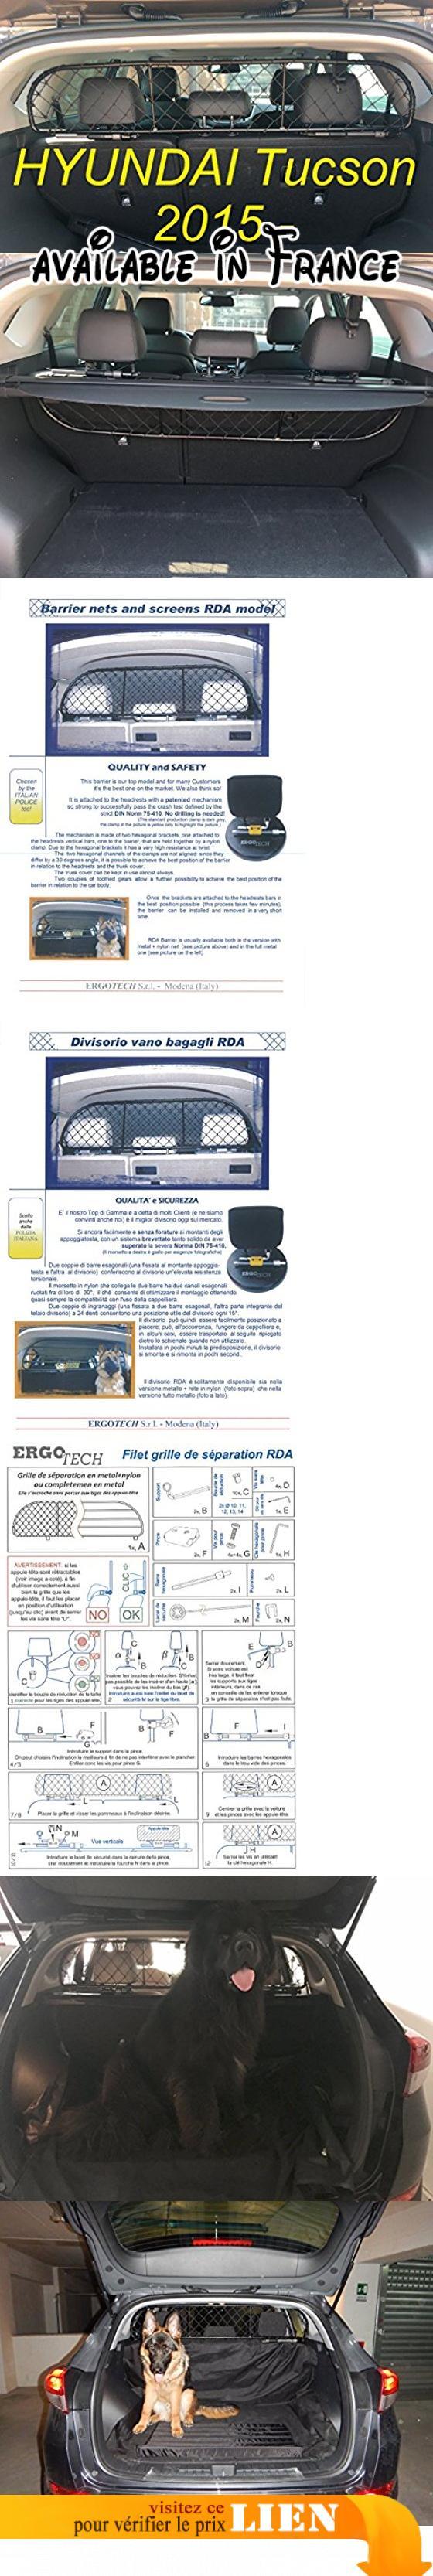 garantie! Filet Grille de s/éparation coffre Ergotech RDA65-XS16 khy017 S/ûr pour chiens et bagage confortable pour votre chien